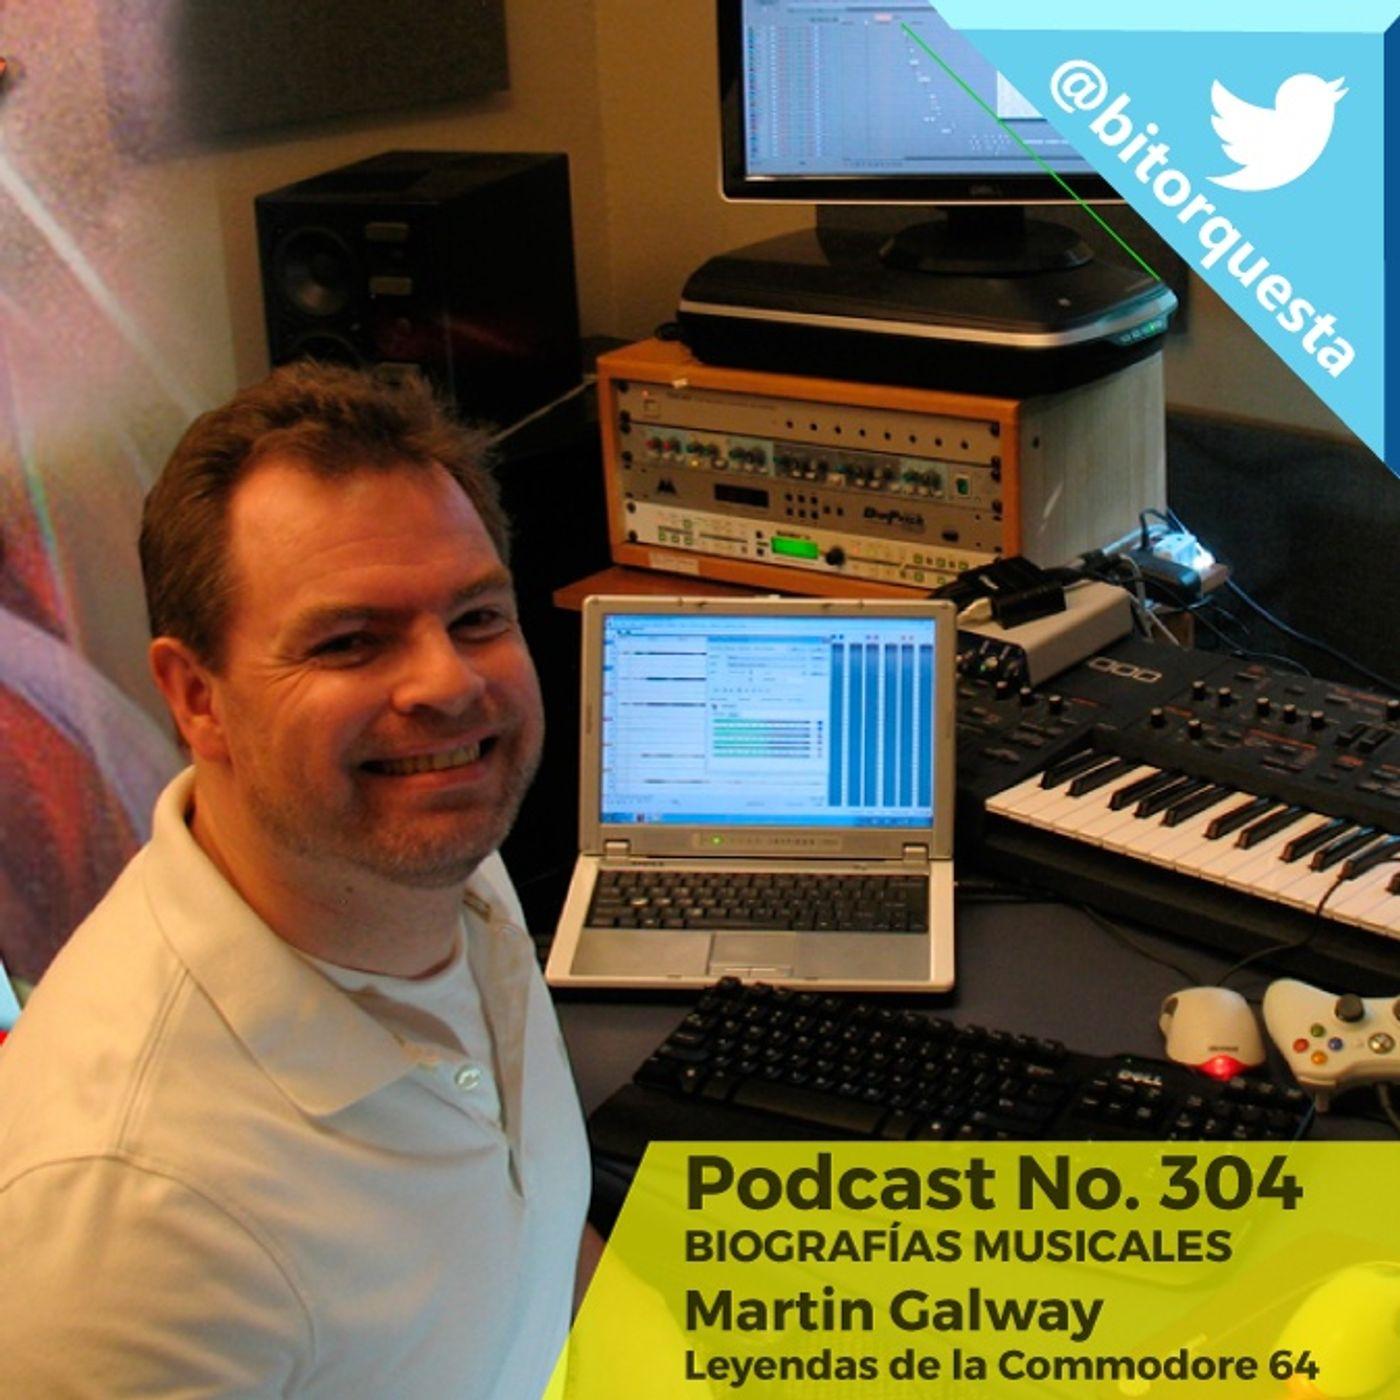 304 - Martin Galway, Leyendas de la C64, Biografías Musicales